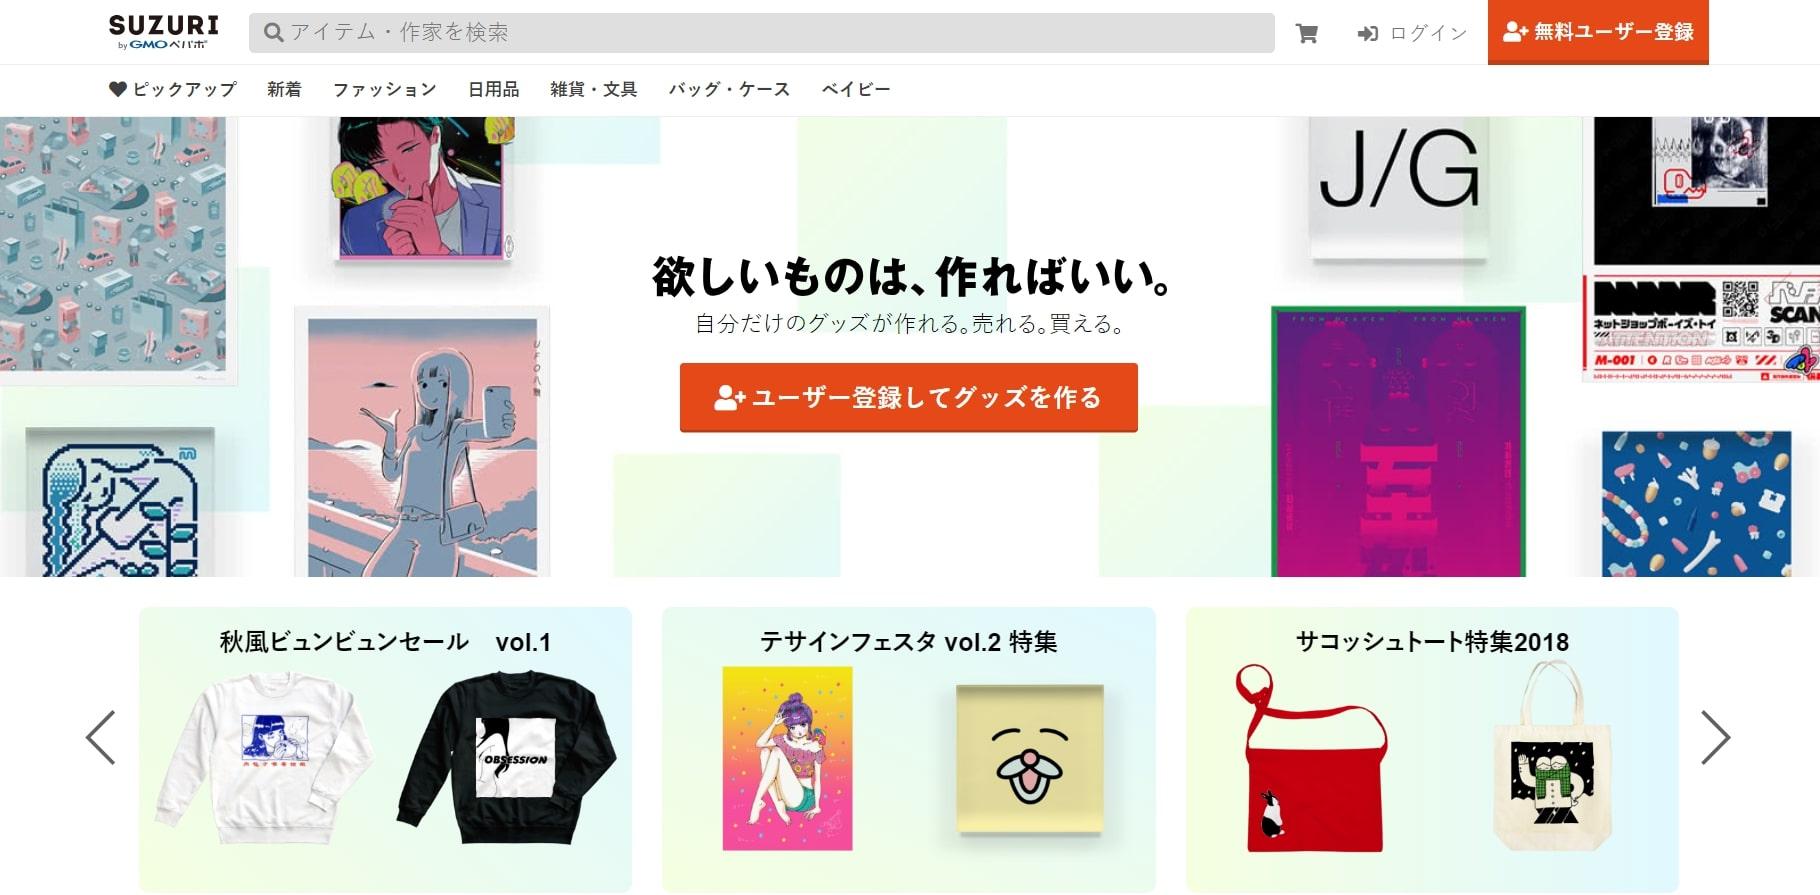 58262dfef0149 また、自分だけのオリジナルグッズを販売できる「SUZURI」も、多くのデザイナーから利用されているウェブサイトです。画像をアップするだけでTシャツや携帯カバー、  ...